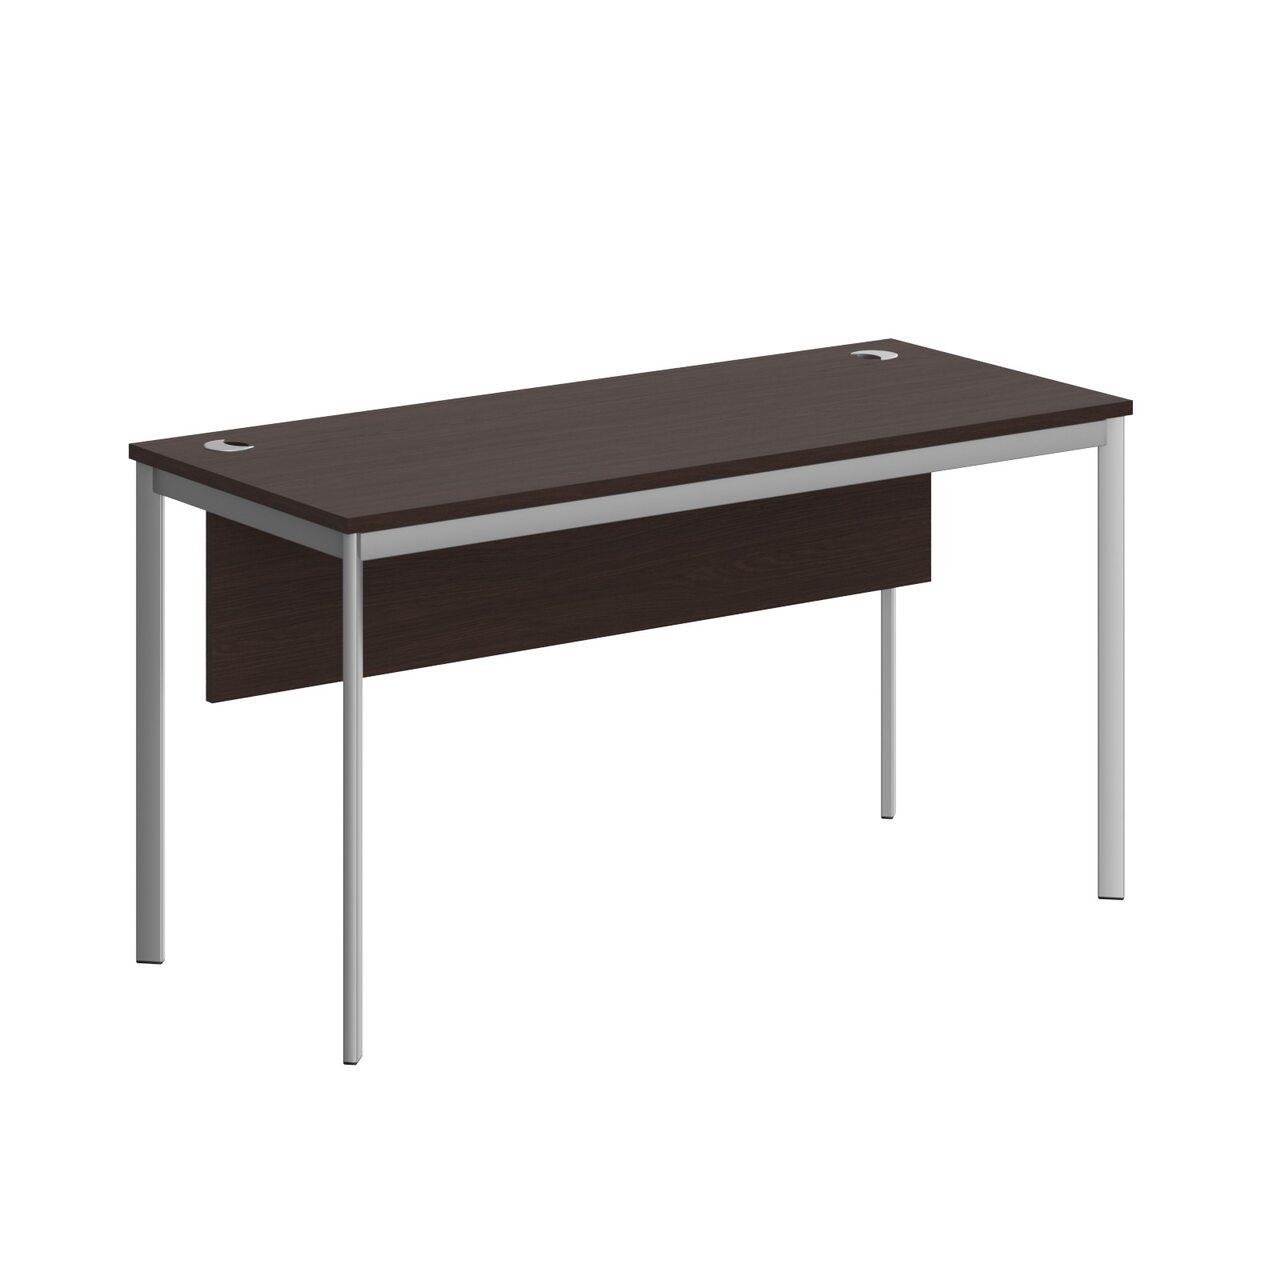 Стол прямой с фрональной панелью  IMAGO-S 140x60x76 - фото 3